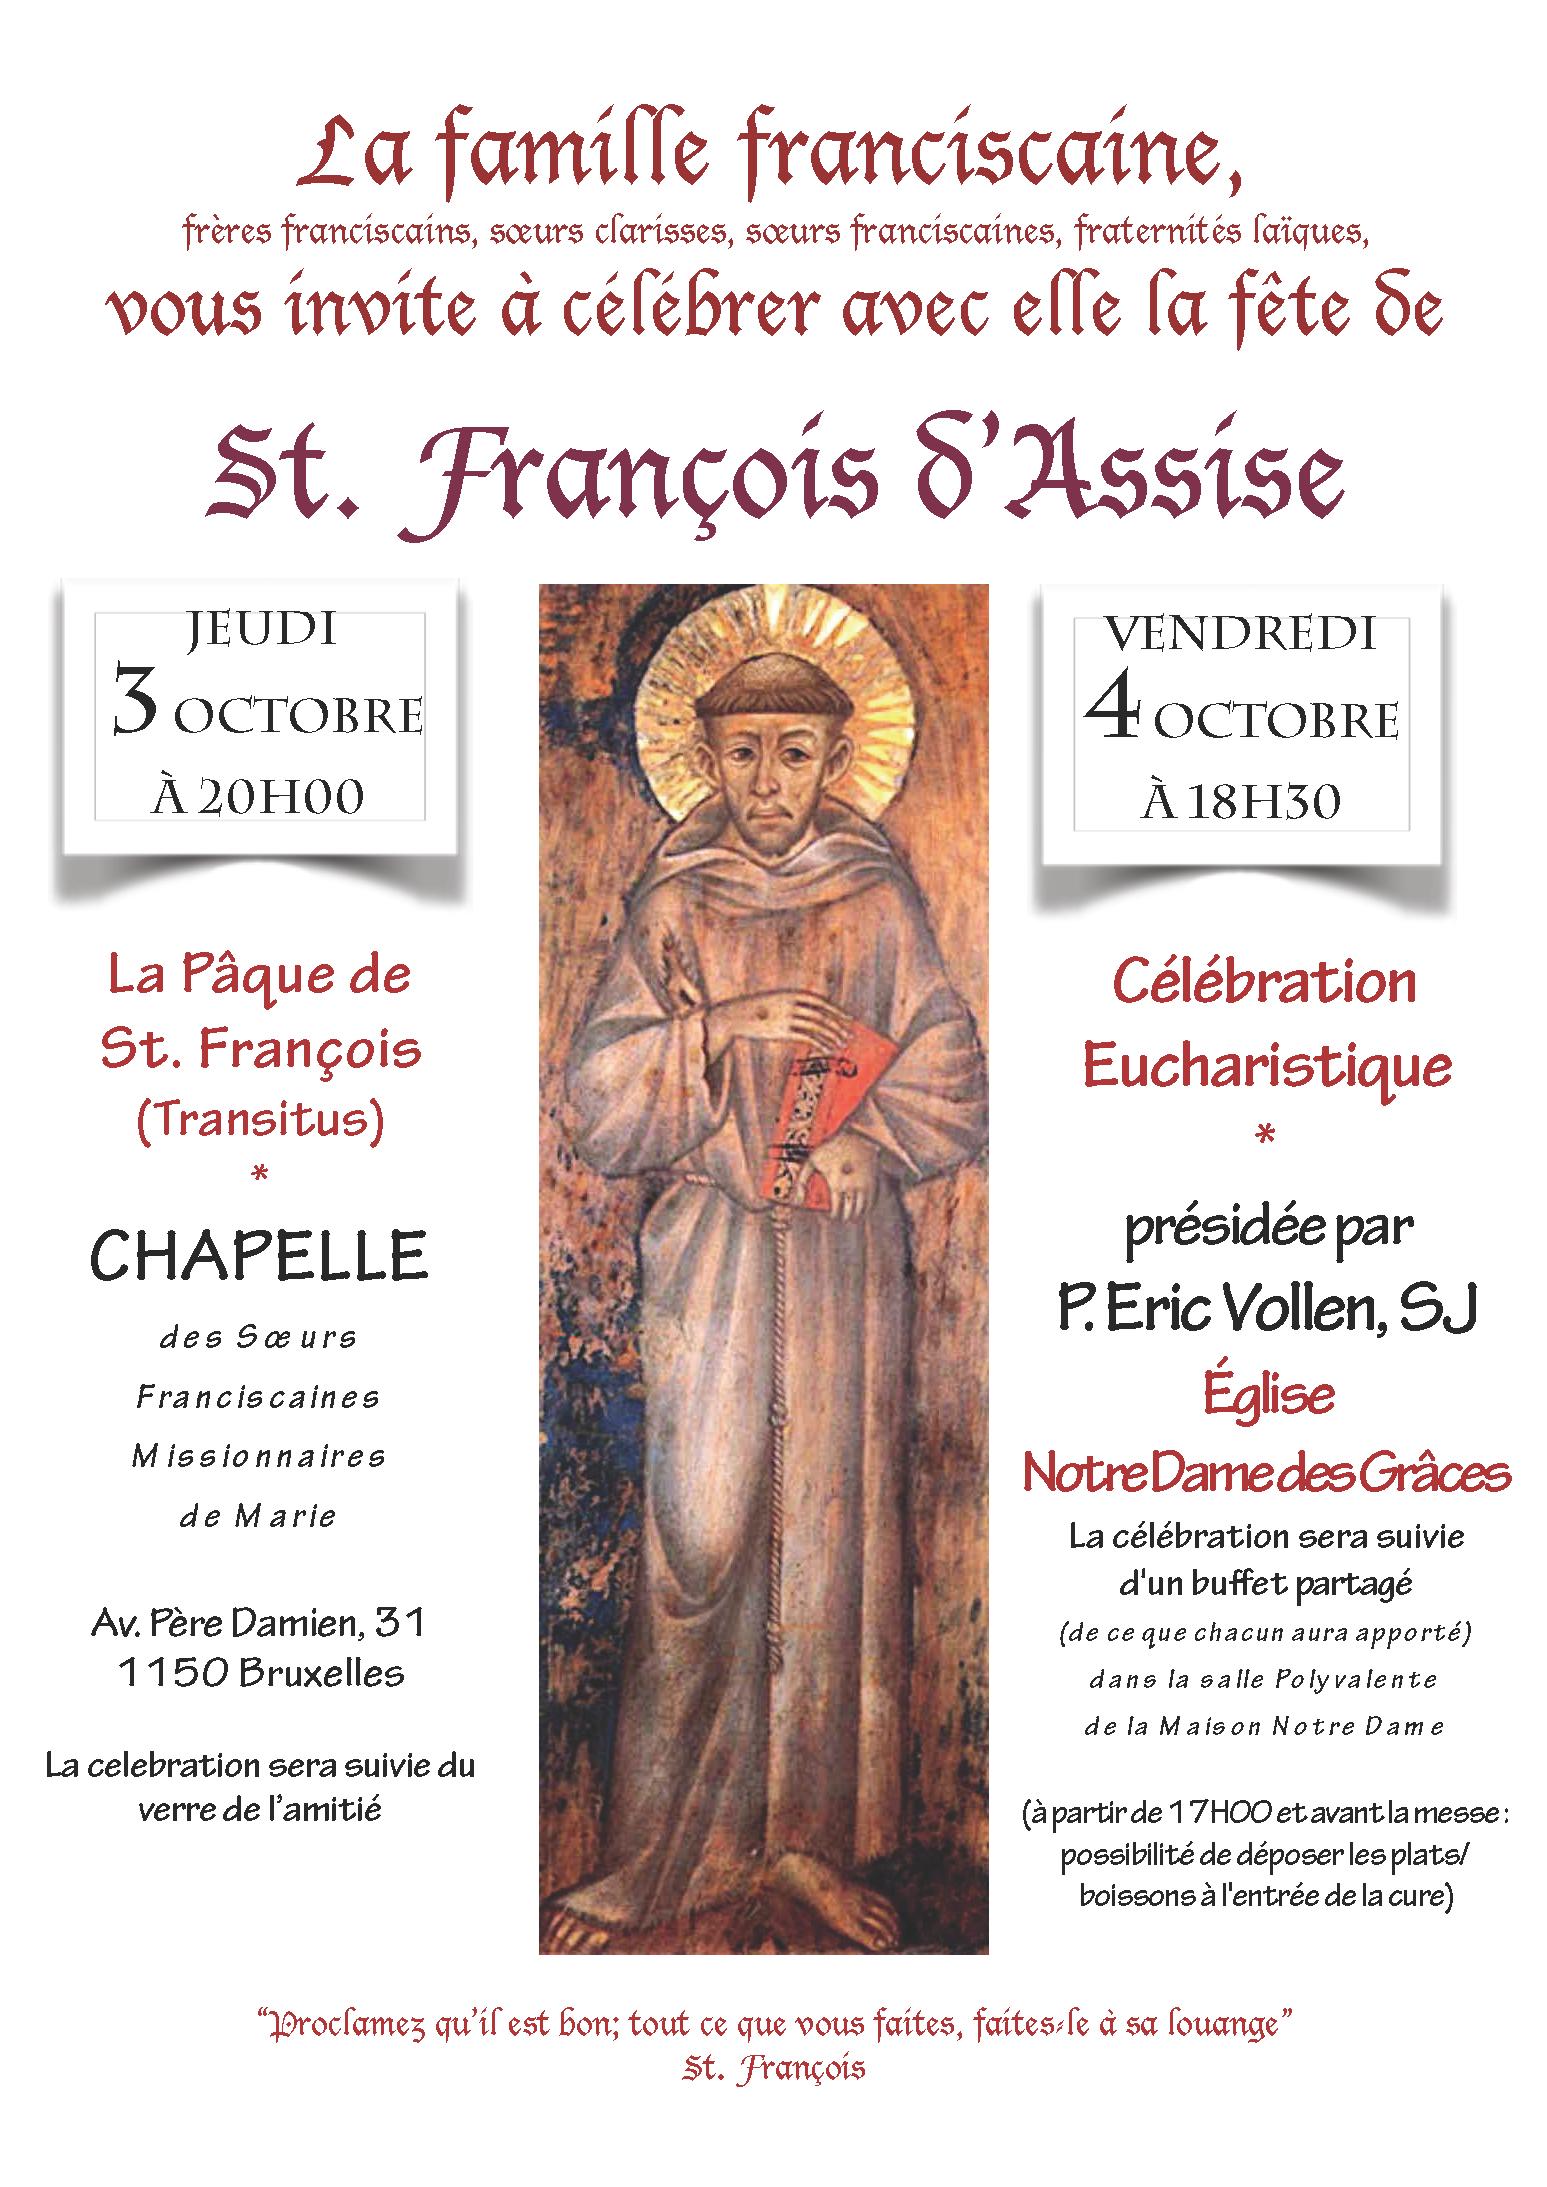 La Pâque de St. François @ Chapelle des Soeurs Franciscaines Missionnaires de Marie